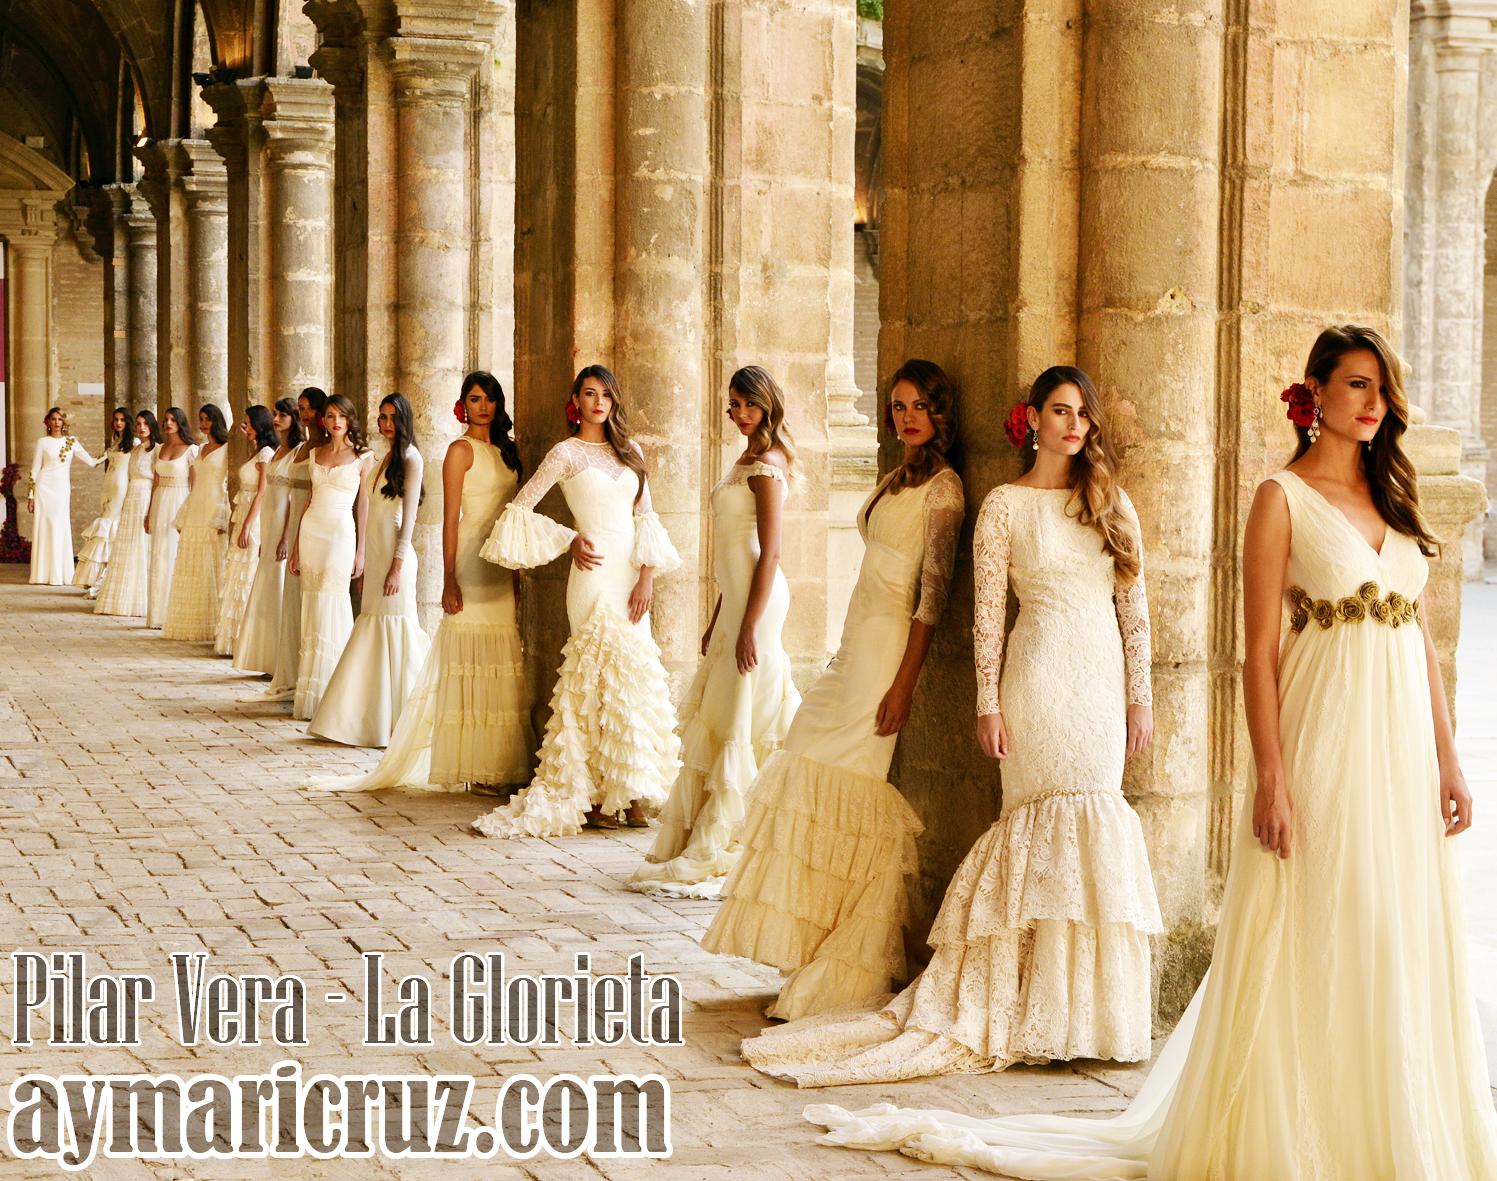 Pilar Vera, las novias que miran al sur